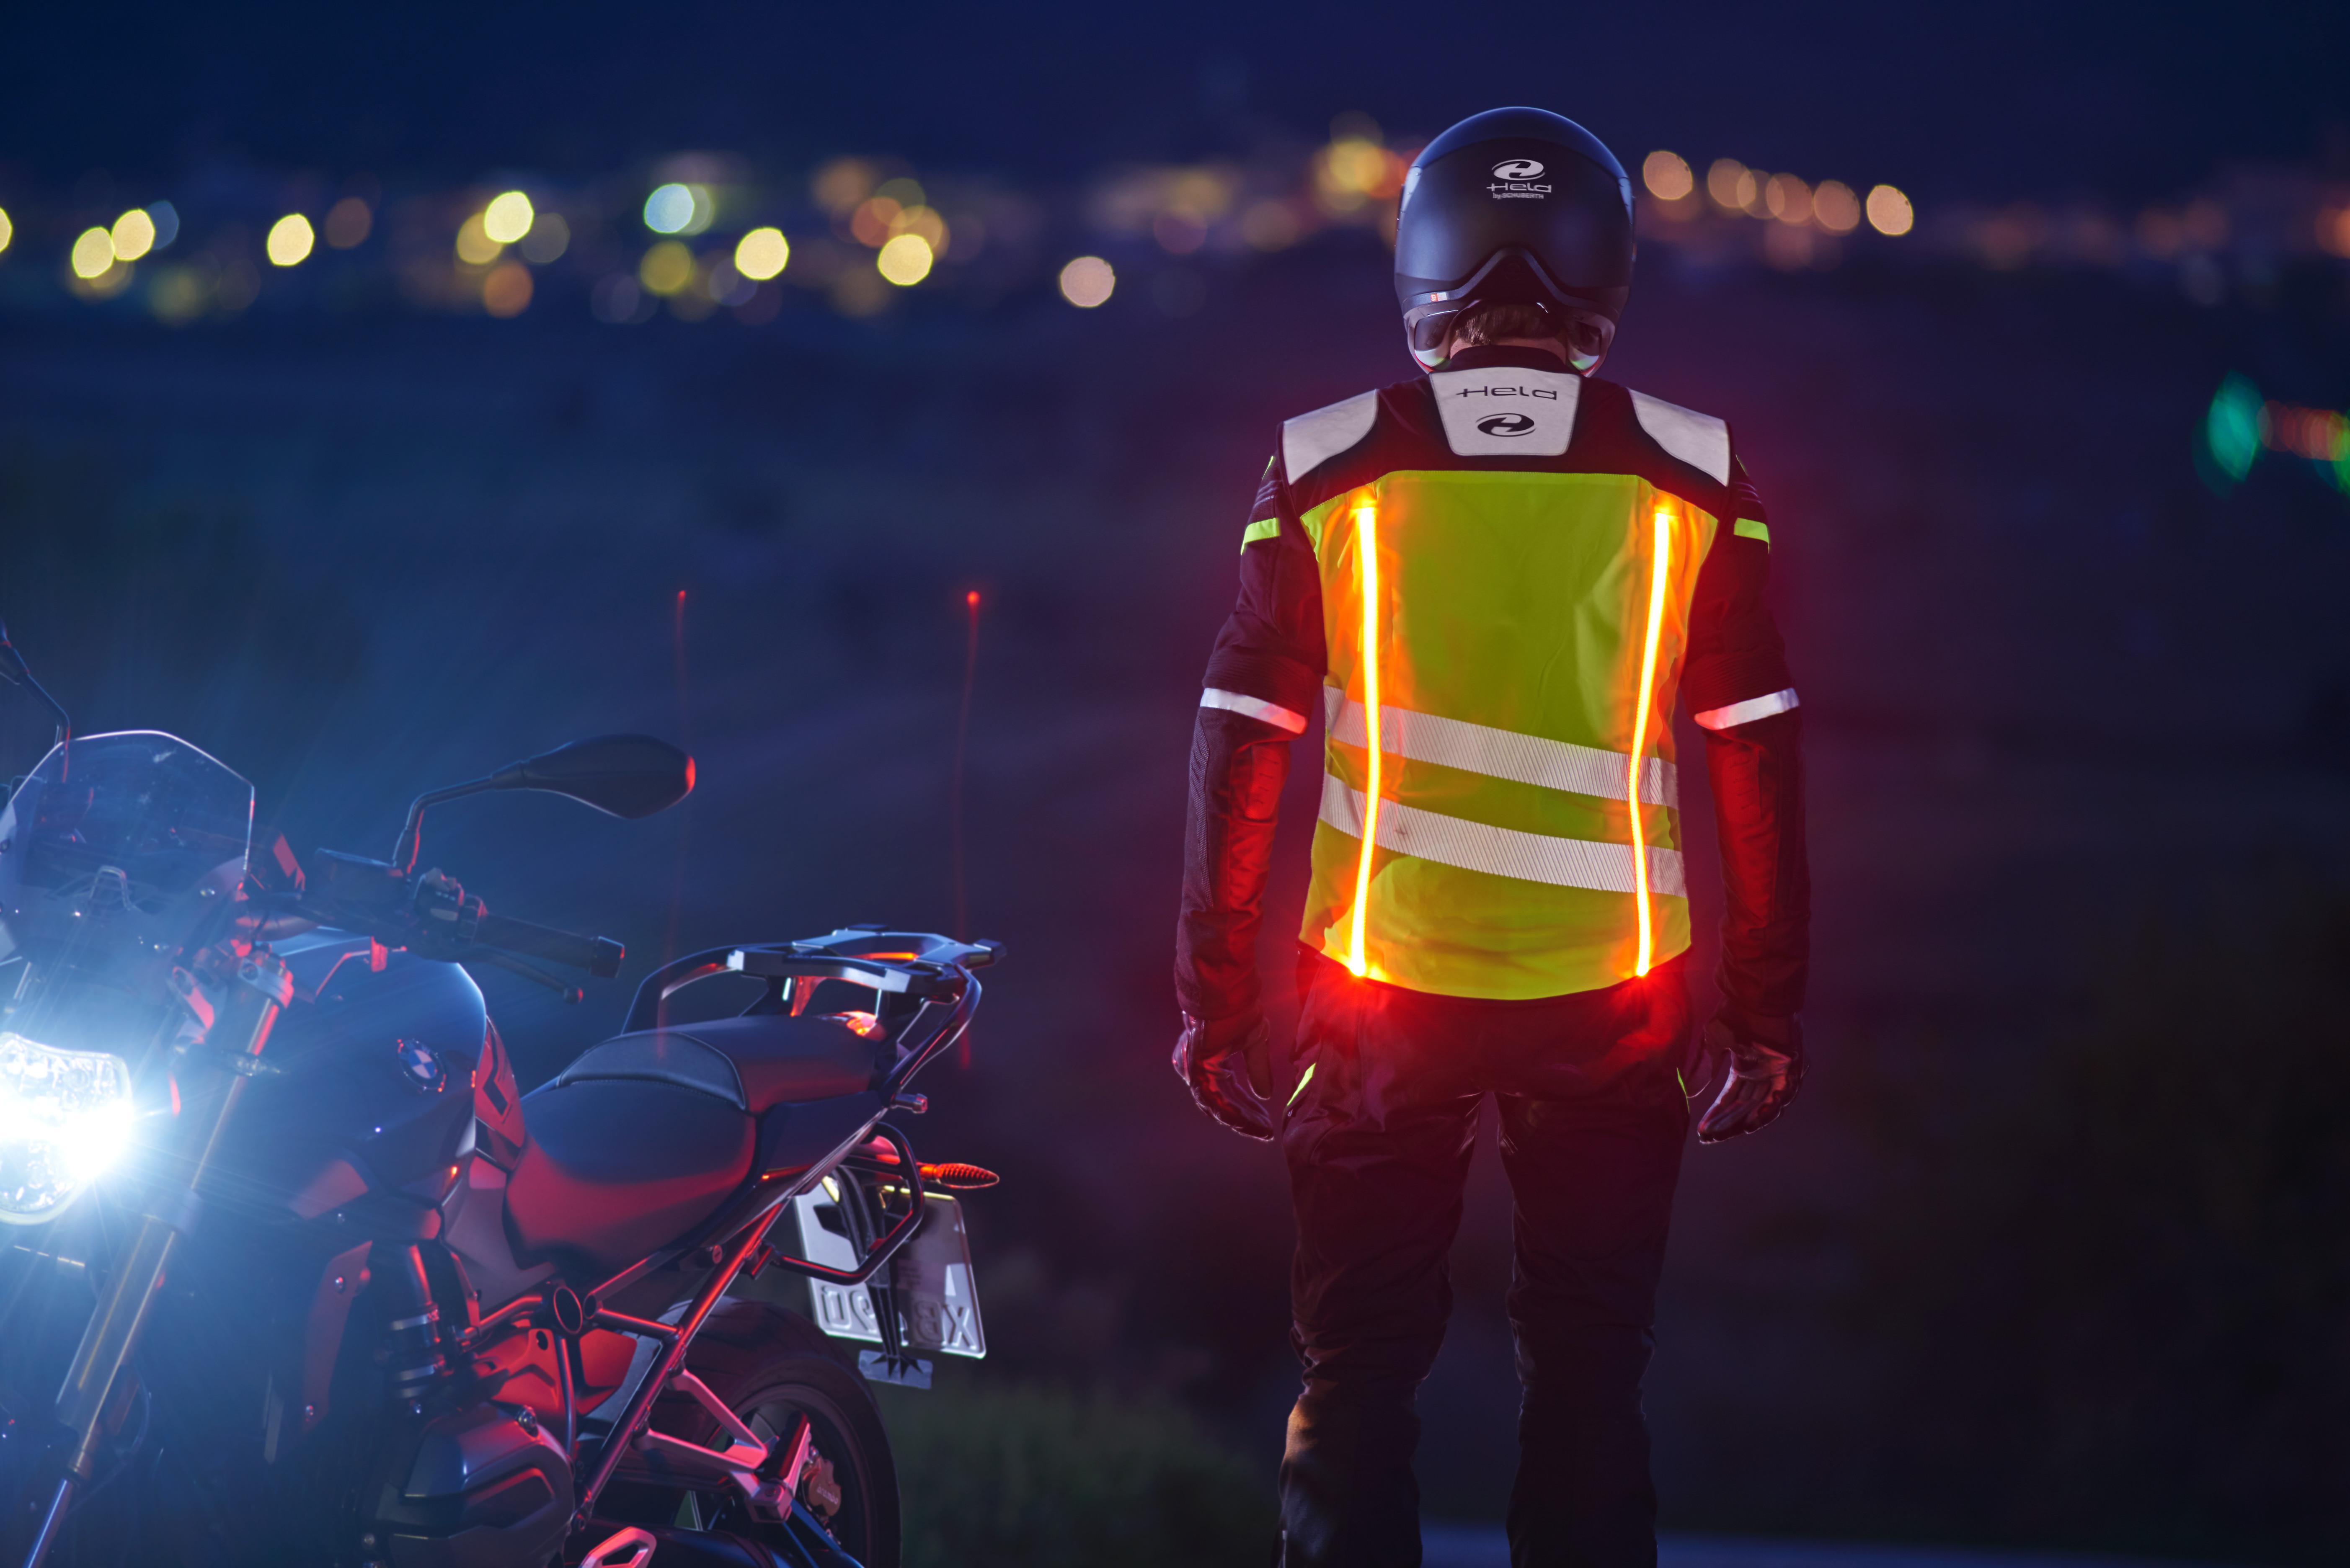 Motocykliści w LED strojach